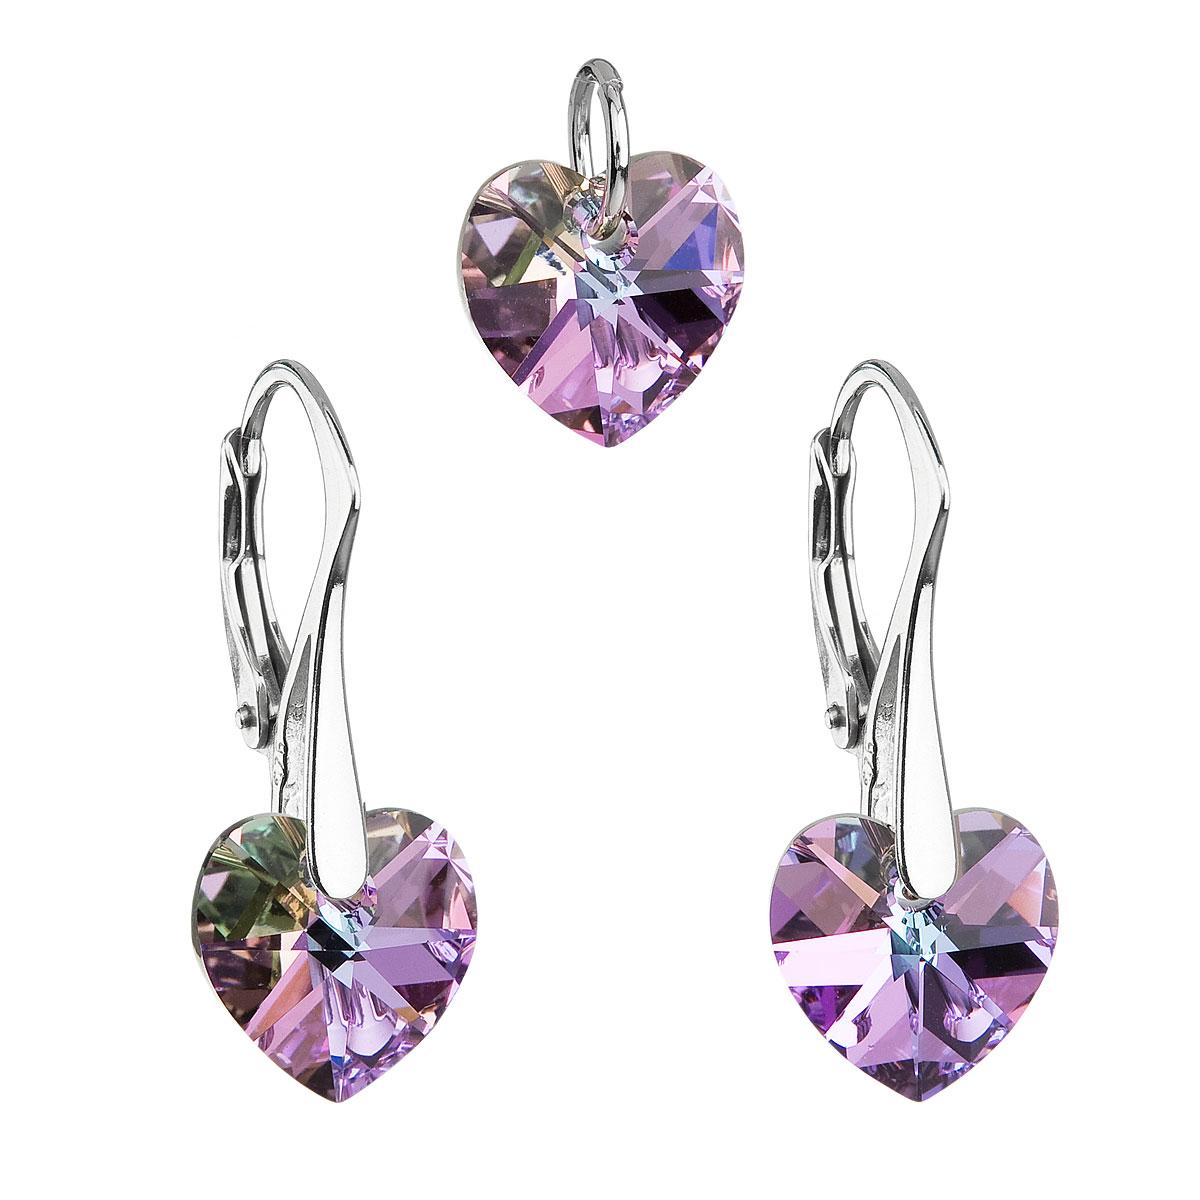 Evolution Group Sada šperků s krystaly Swarovski náušnice a přívěsek fialová srdce 39003.5